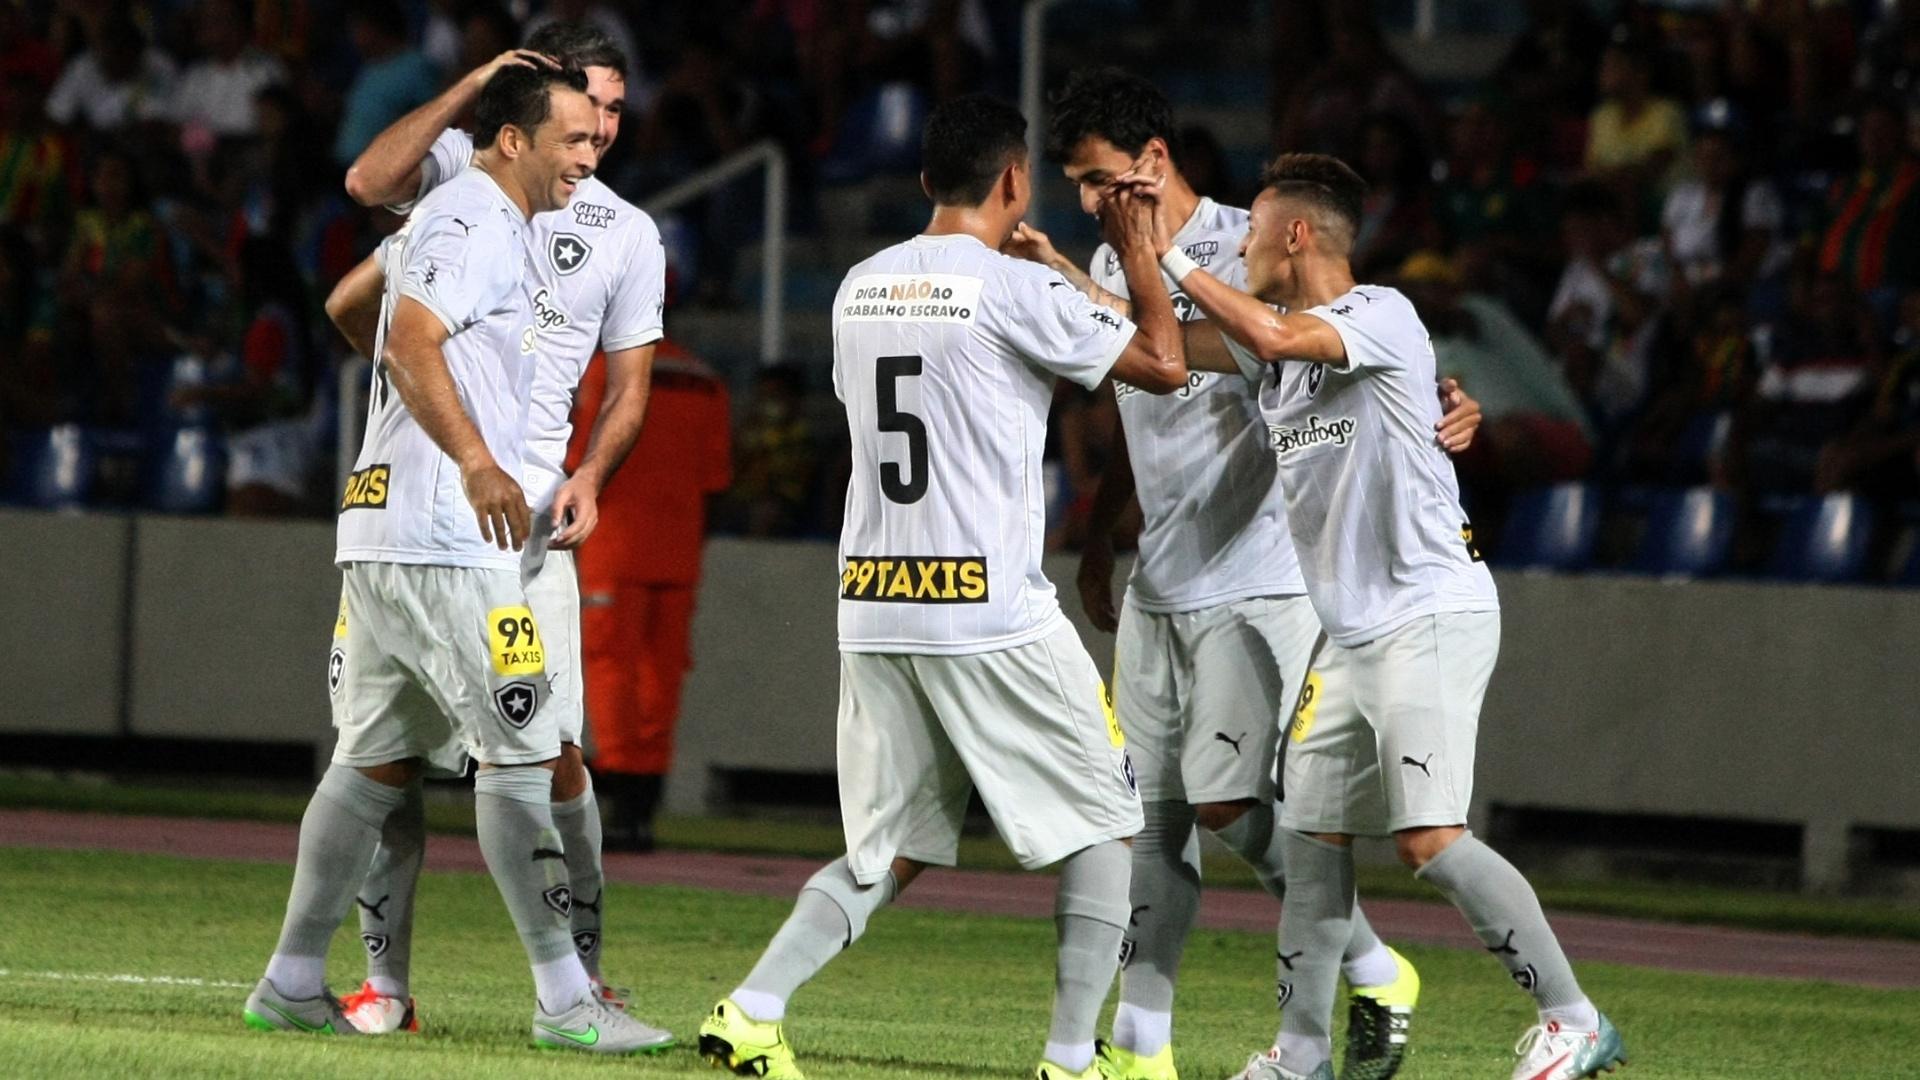 Jogadores do Botafogo comemoram após Neilton marcar contra o Sampaio Corrêa